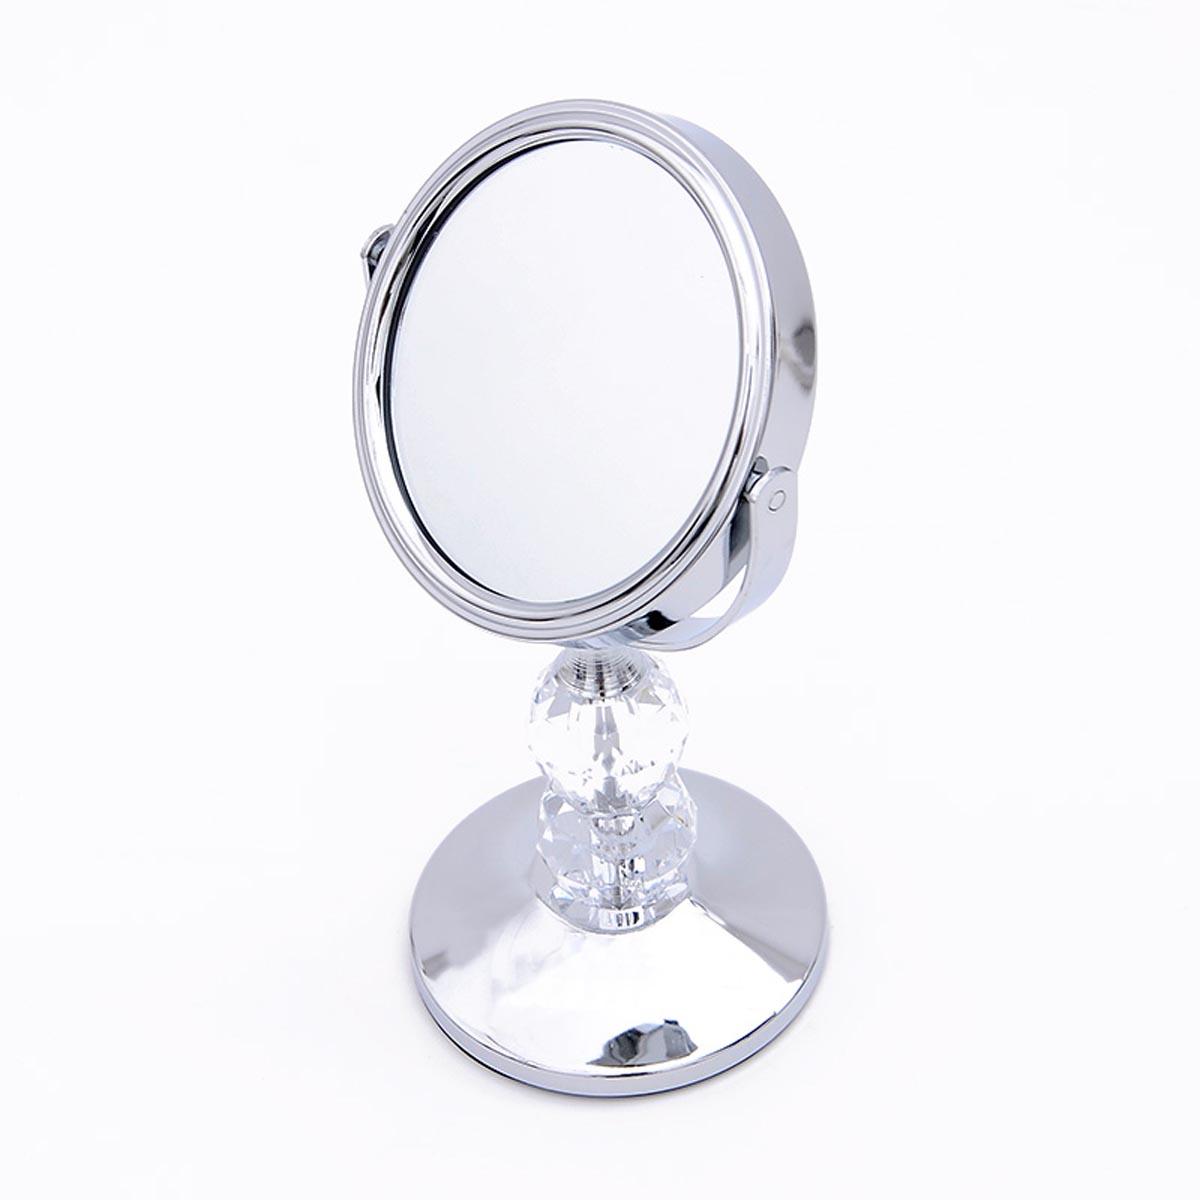 Gương Trang Điểm 360 độ Mini Để Bàn 2 Mặt Minigood Hàn Quốc DMCTB072